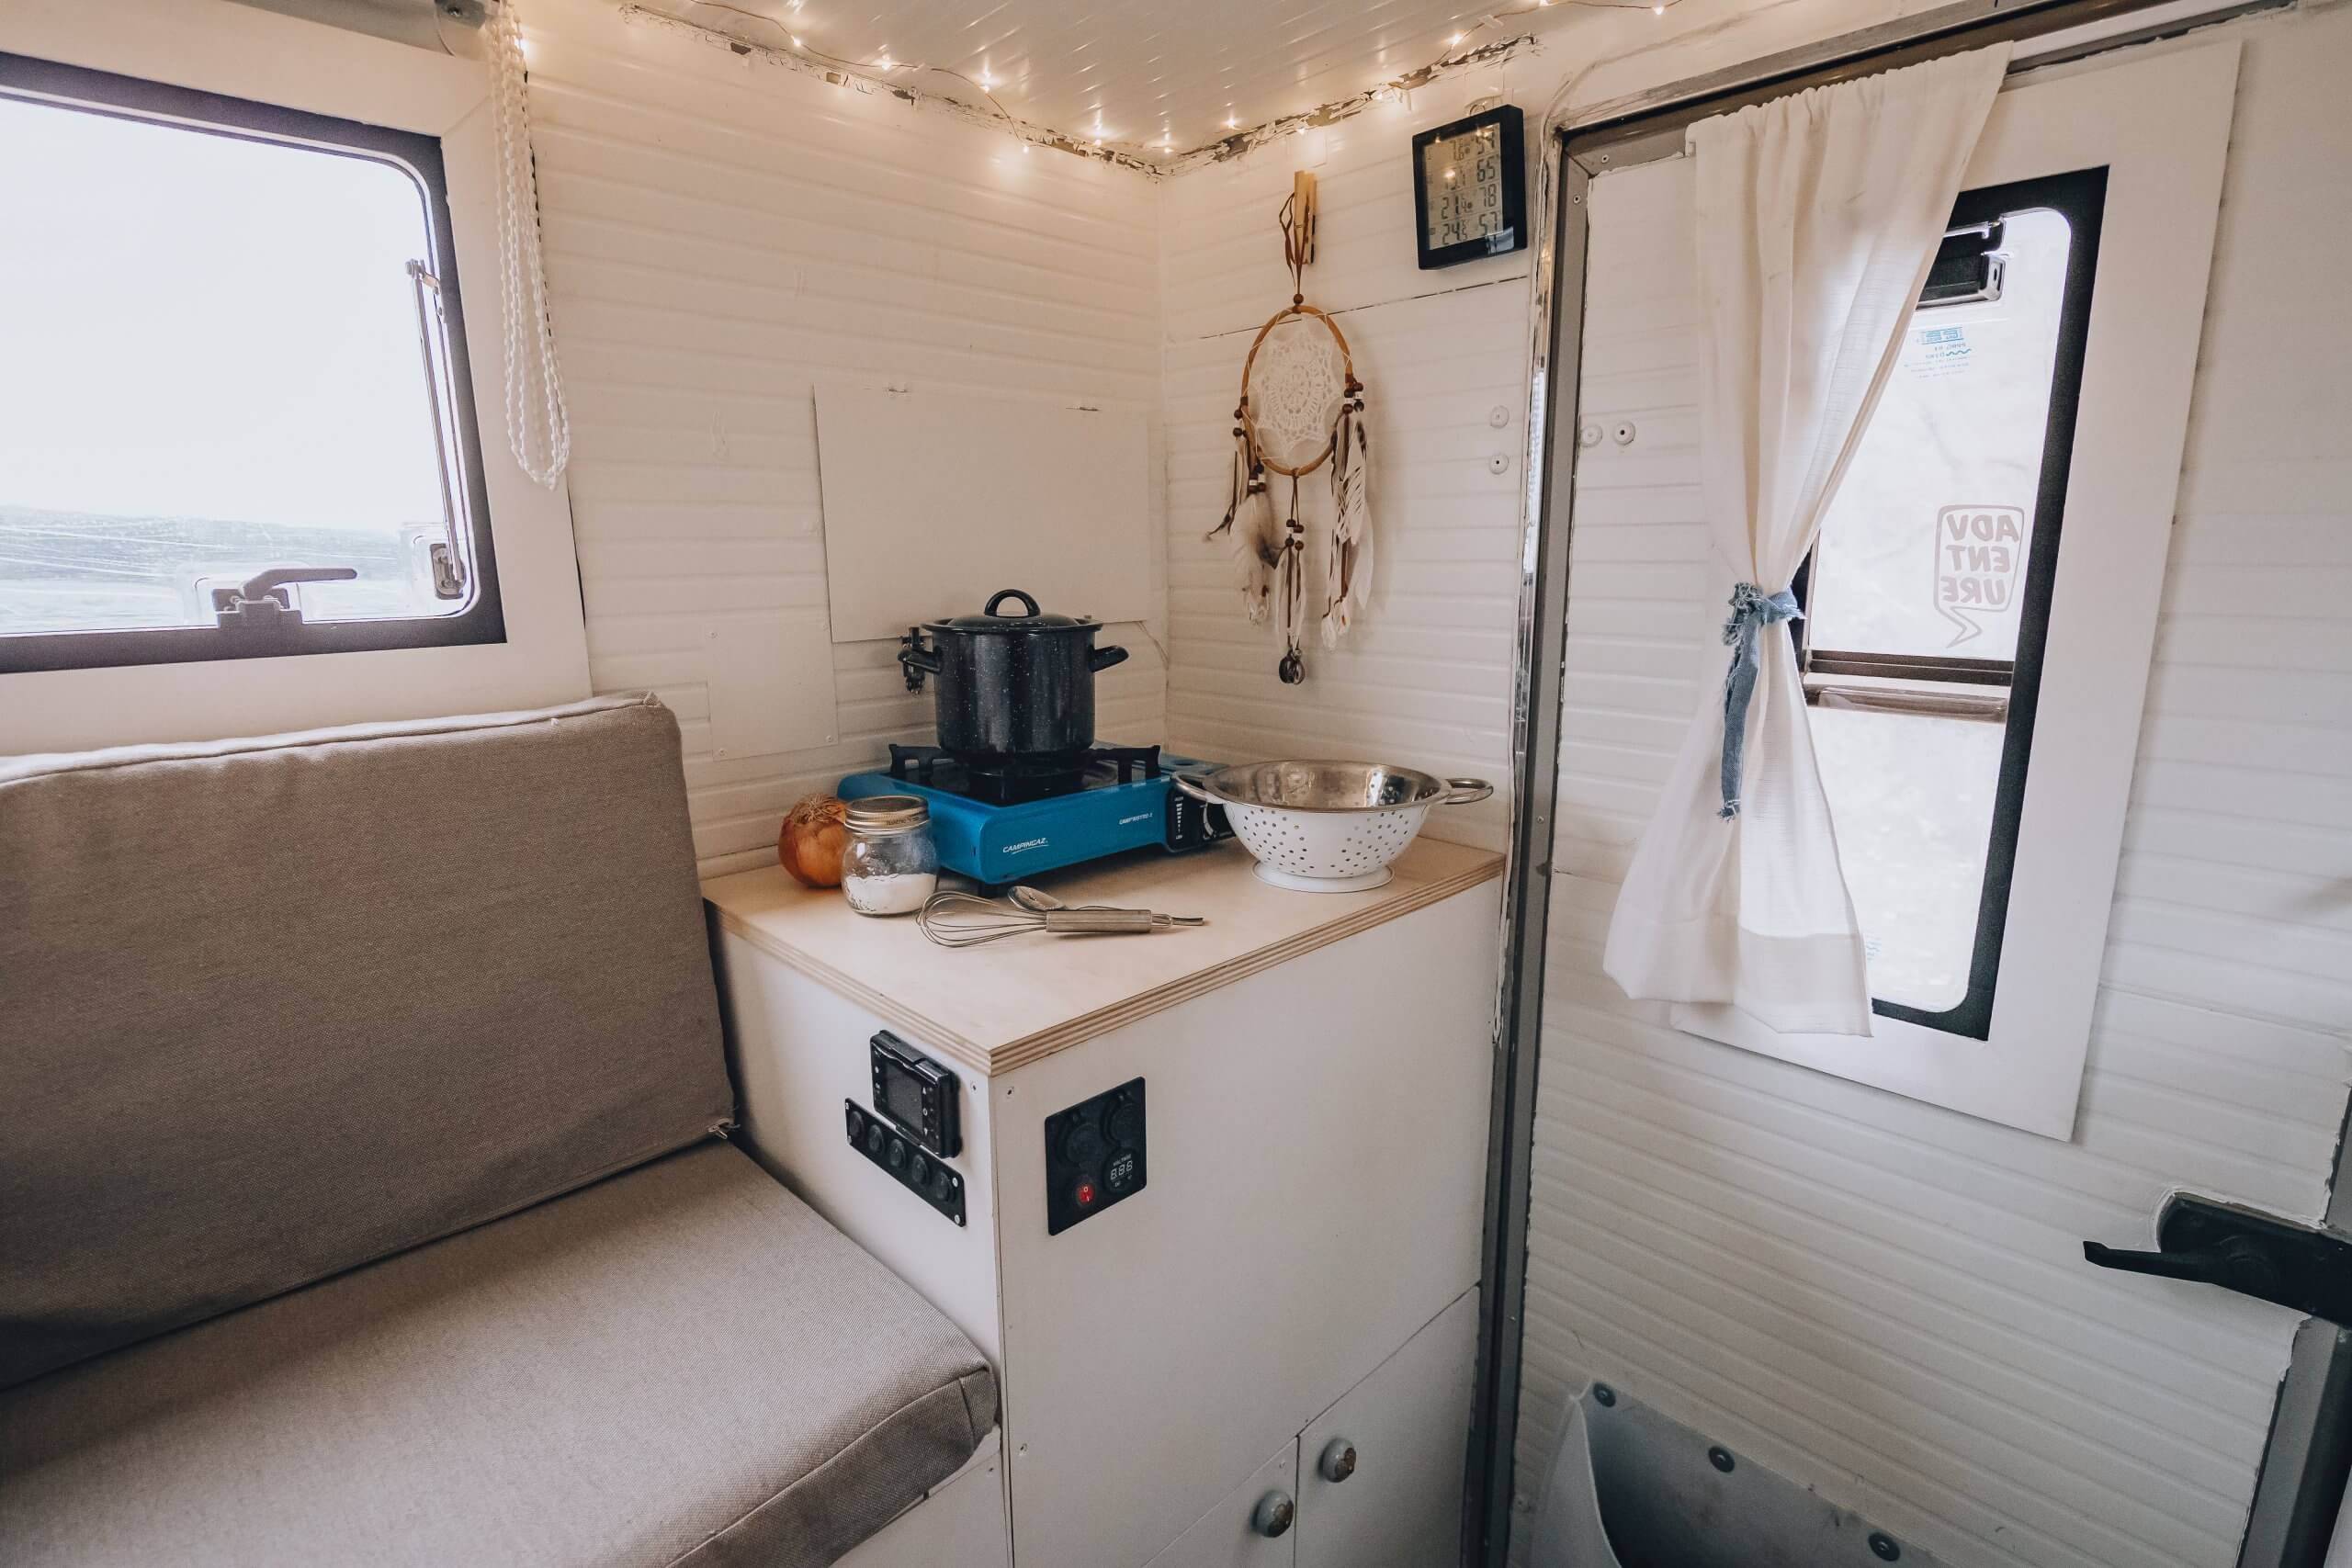 Selbstausbau: rechte Küchenzeile mit Schrank für Kompressorkühlbox